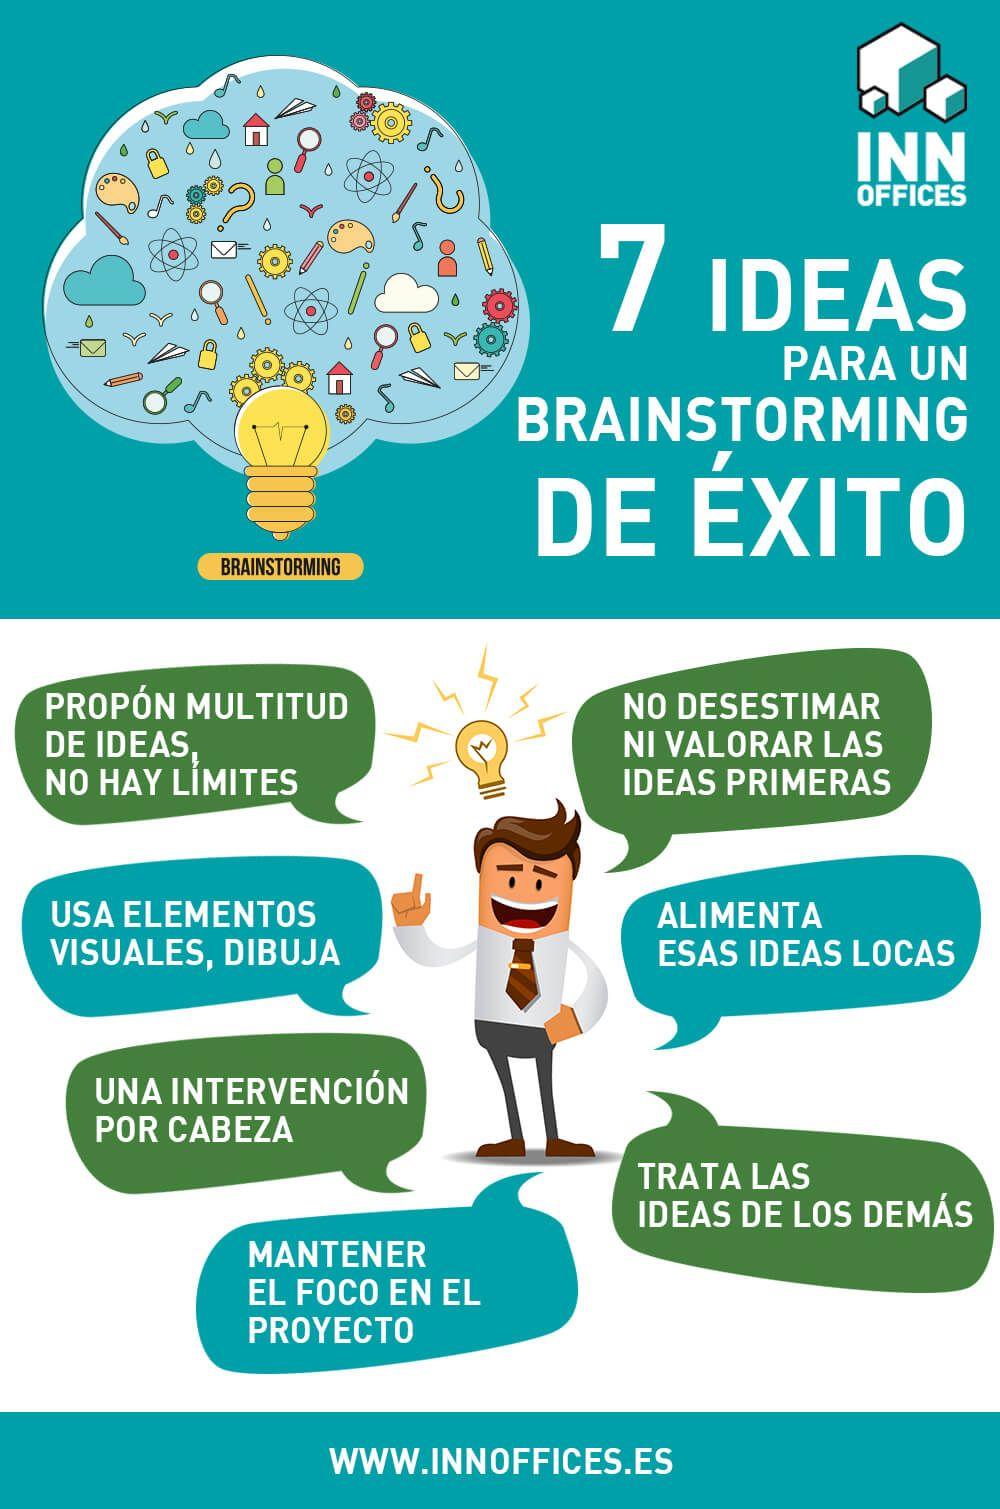 7 ideas para un brainstorming de éxito: No desestimar las primeras ideas, proponer un montón de ideas y utiliza elementos visuales. Aprende a crear una tormenta de ideas con nuestro articulo http://tugimnasiacerebral.com/herramientas-de-estudio/que-es-una-lluvia-de-ideas-y-como-hacerla #infografia #lluvia #ideas #gimnasia #cerebral #braindstorm